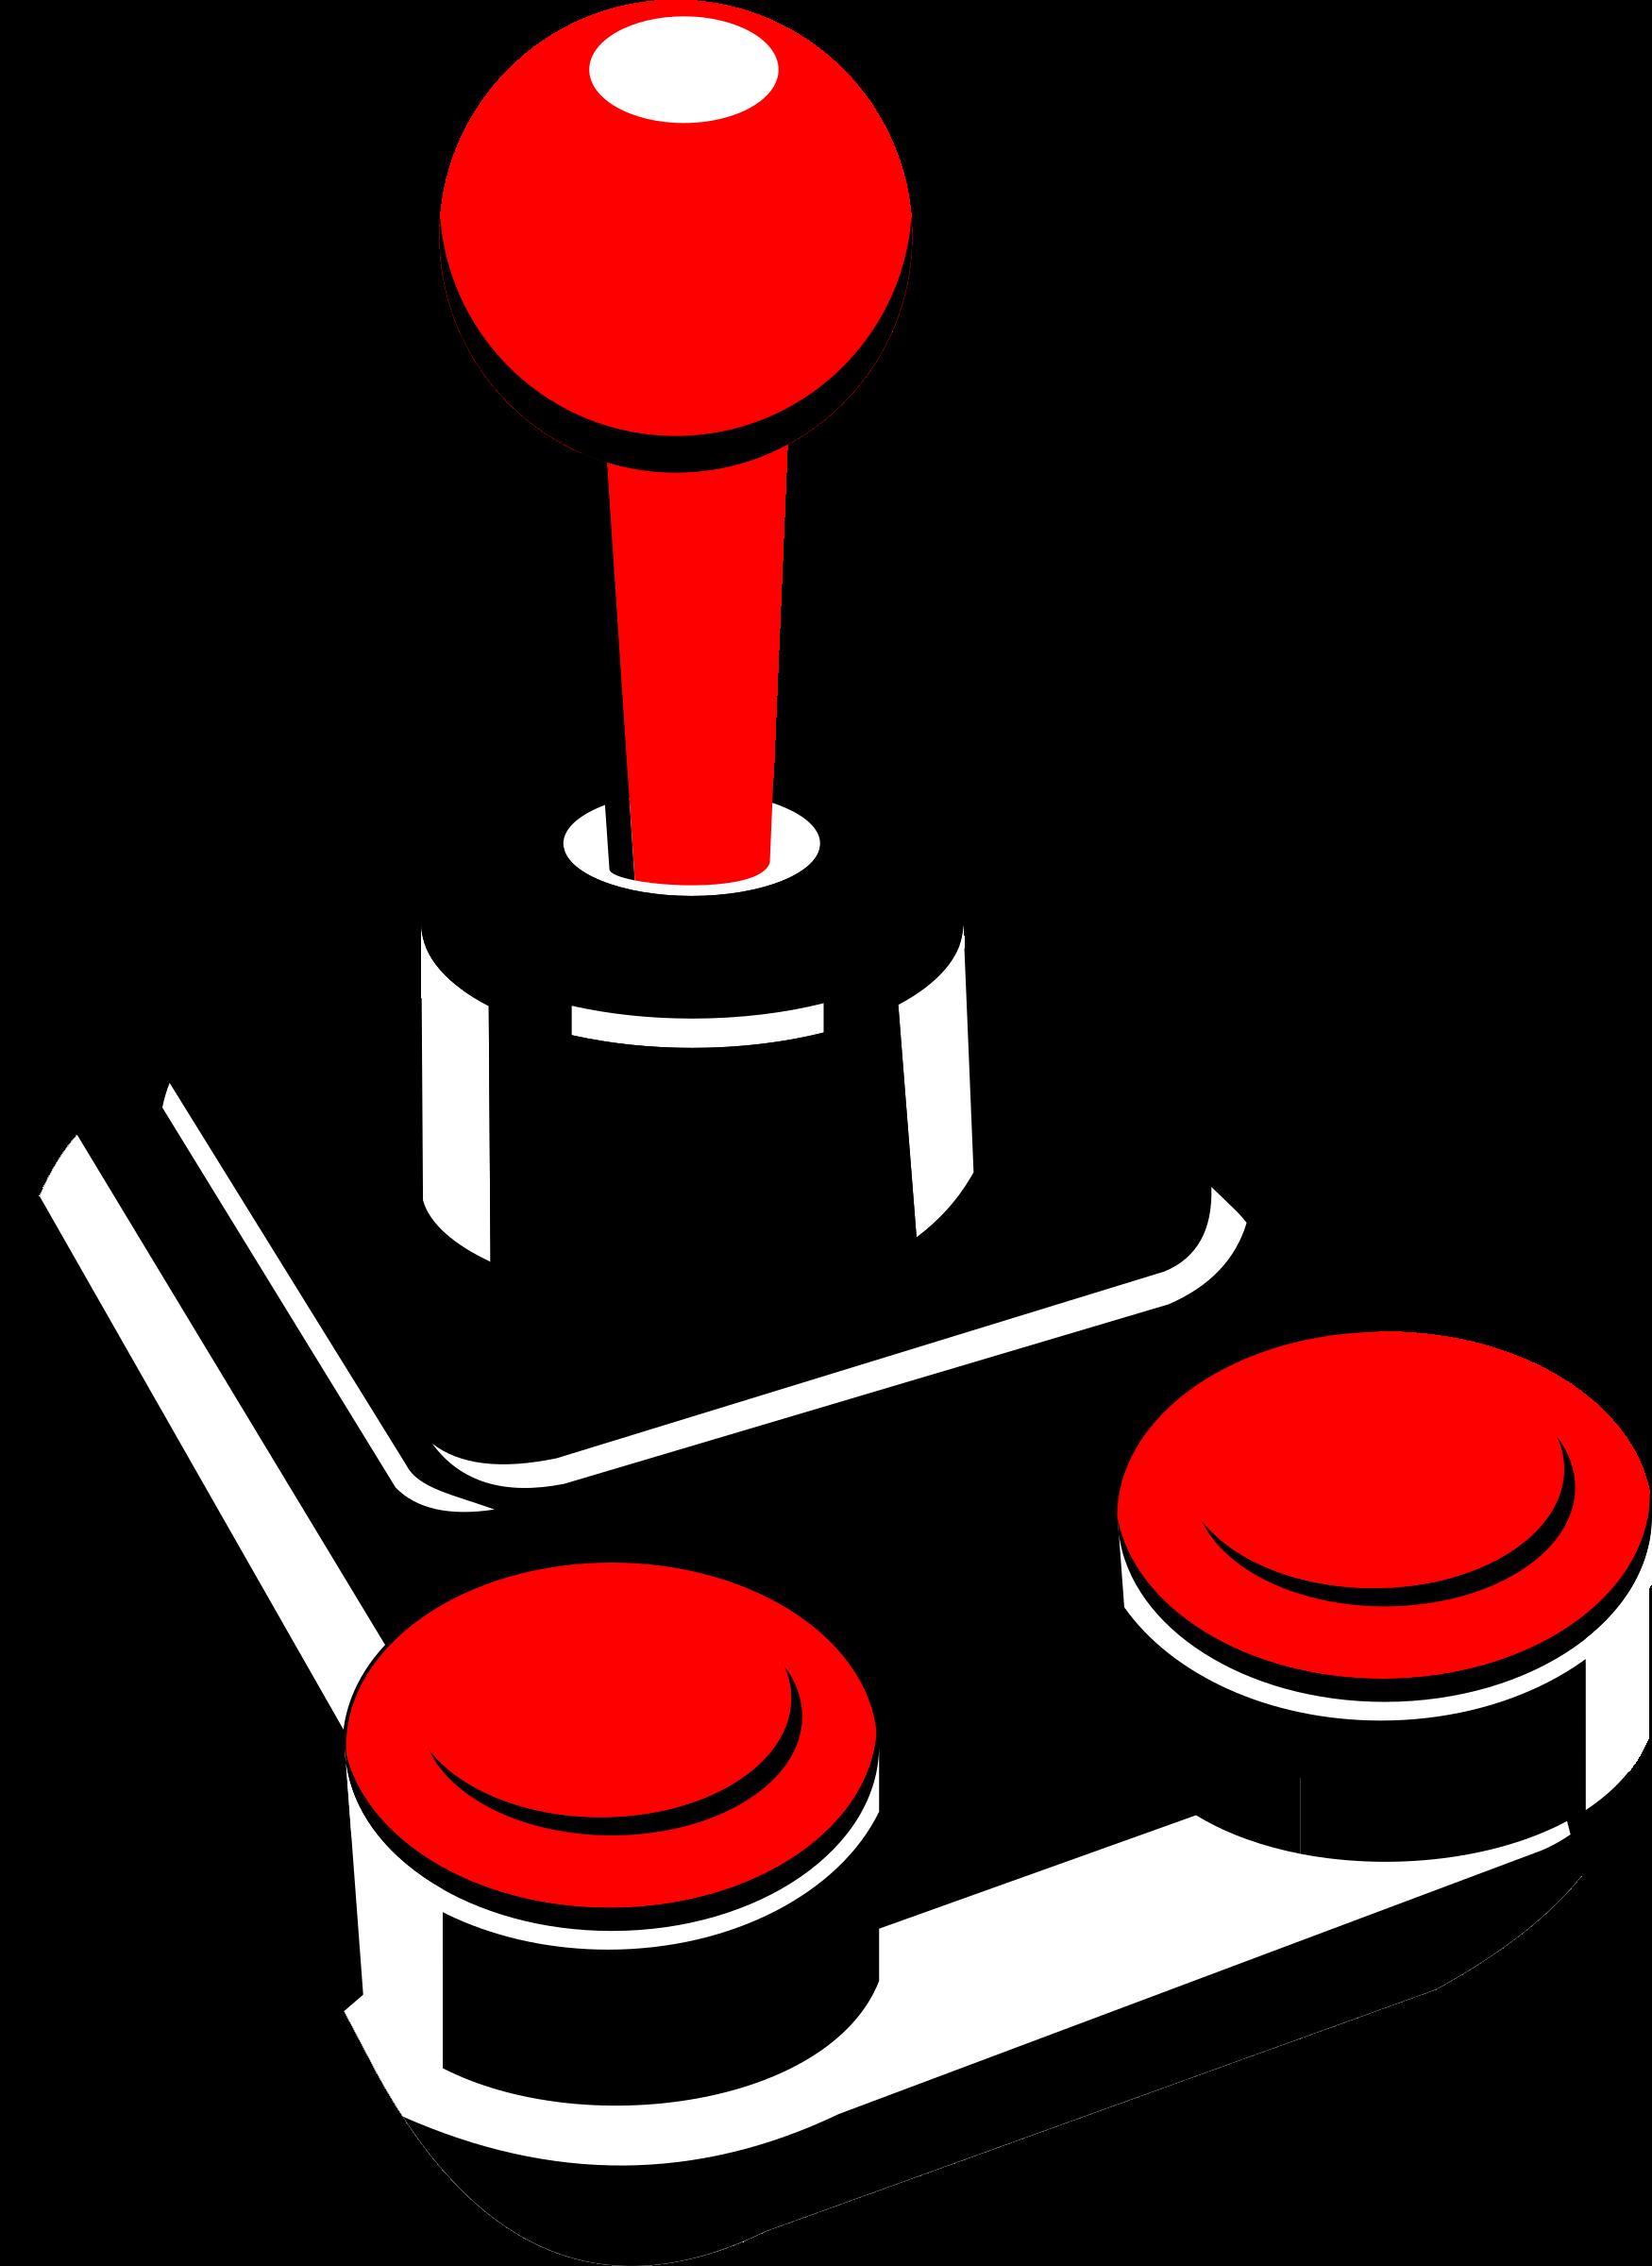 Computer clip art retro. Clipart joystick big image